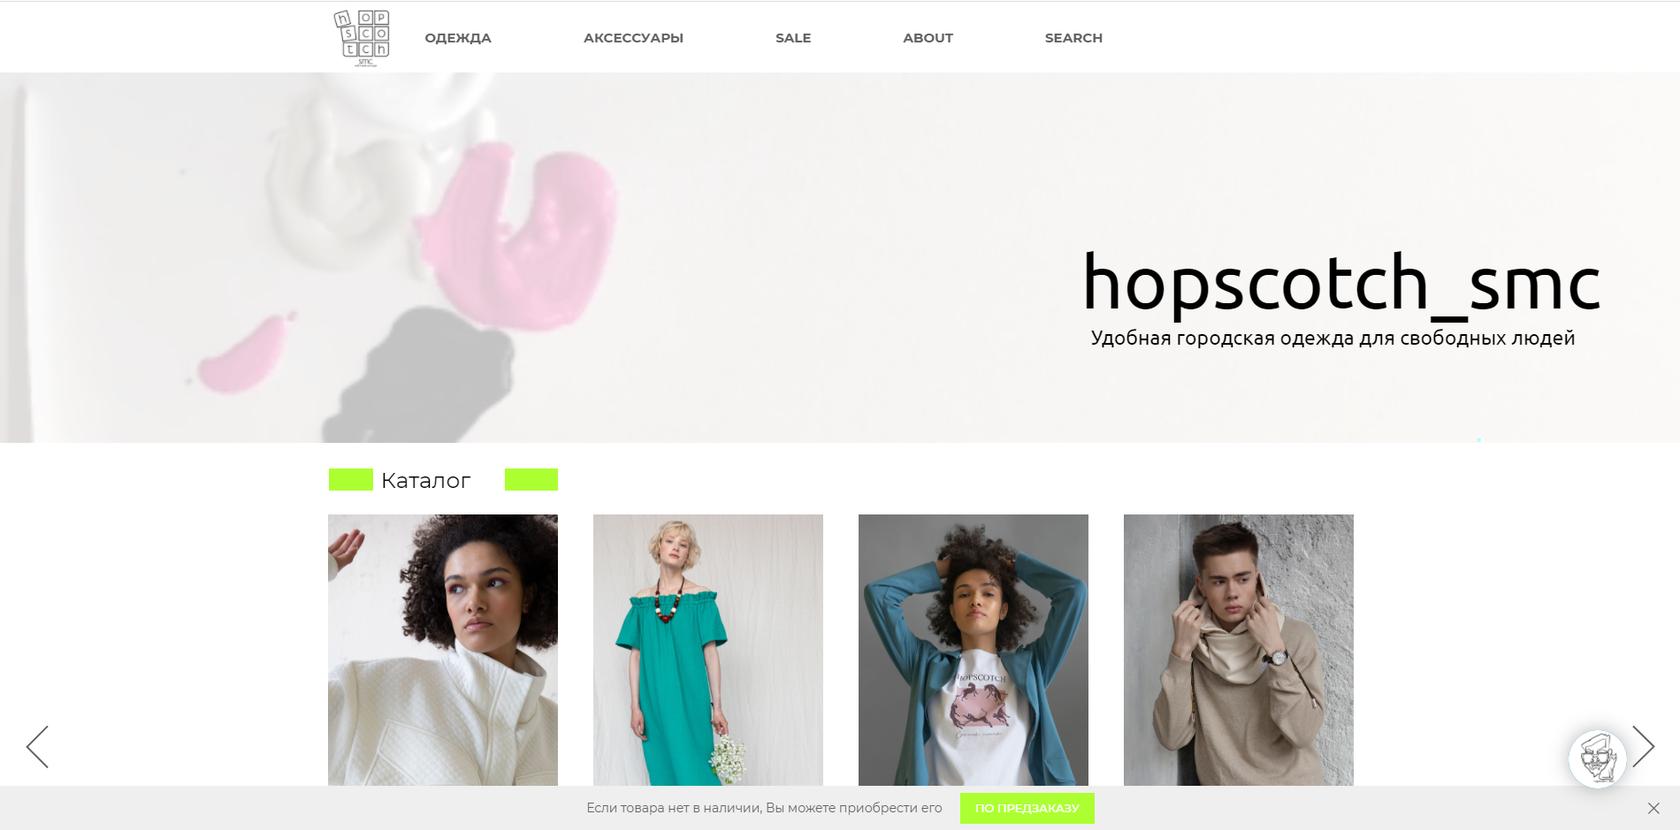 hopscotch-smc